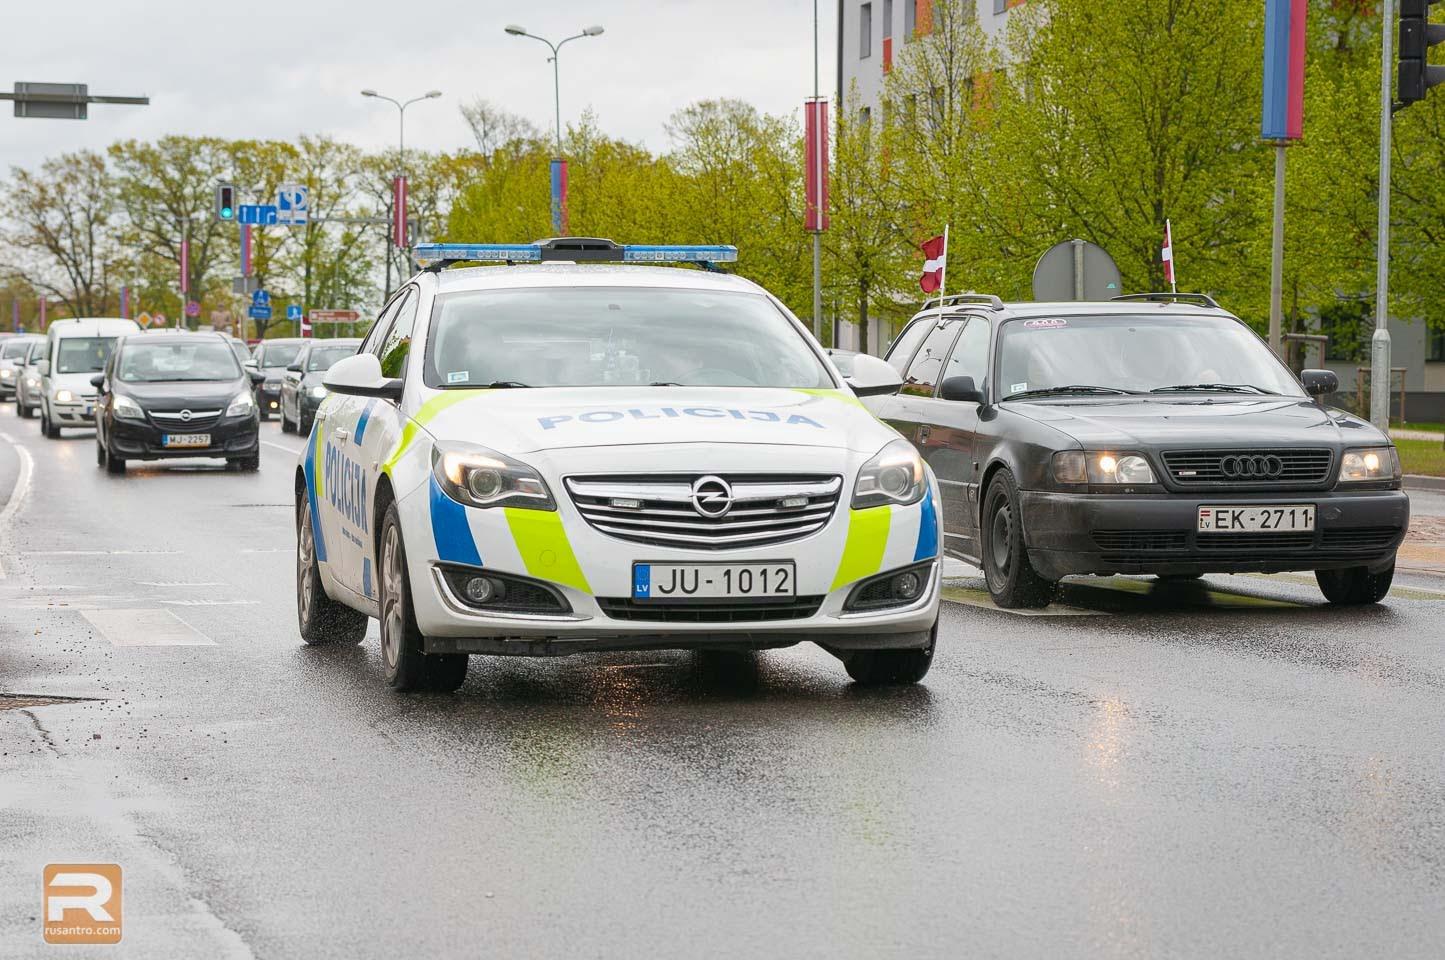 Policijas mašīna uz ceļa